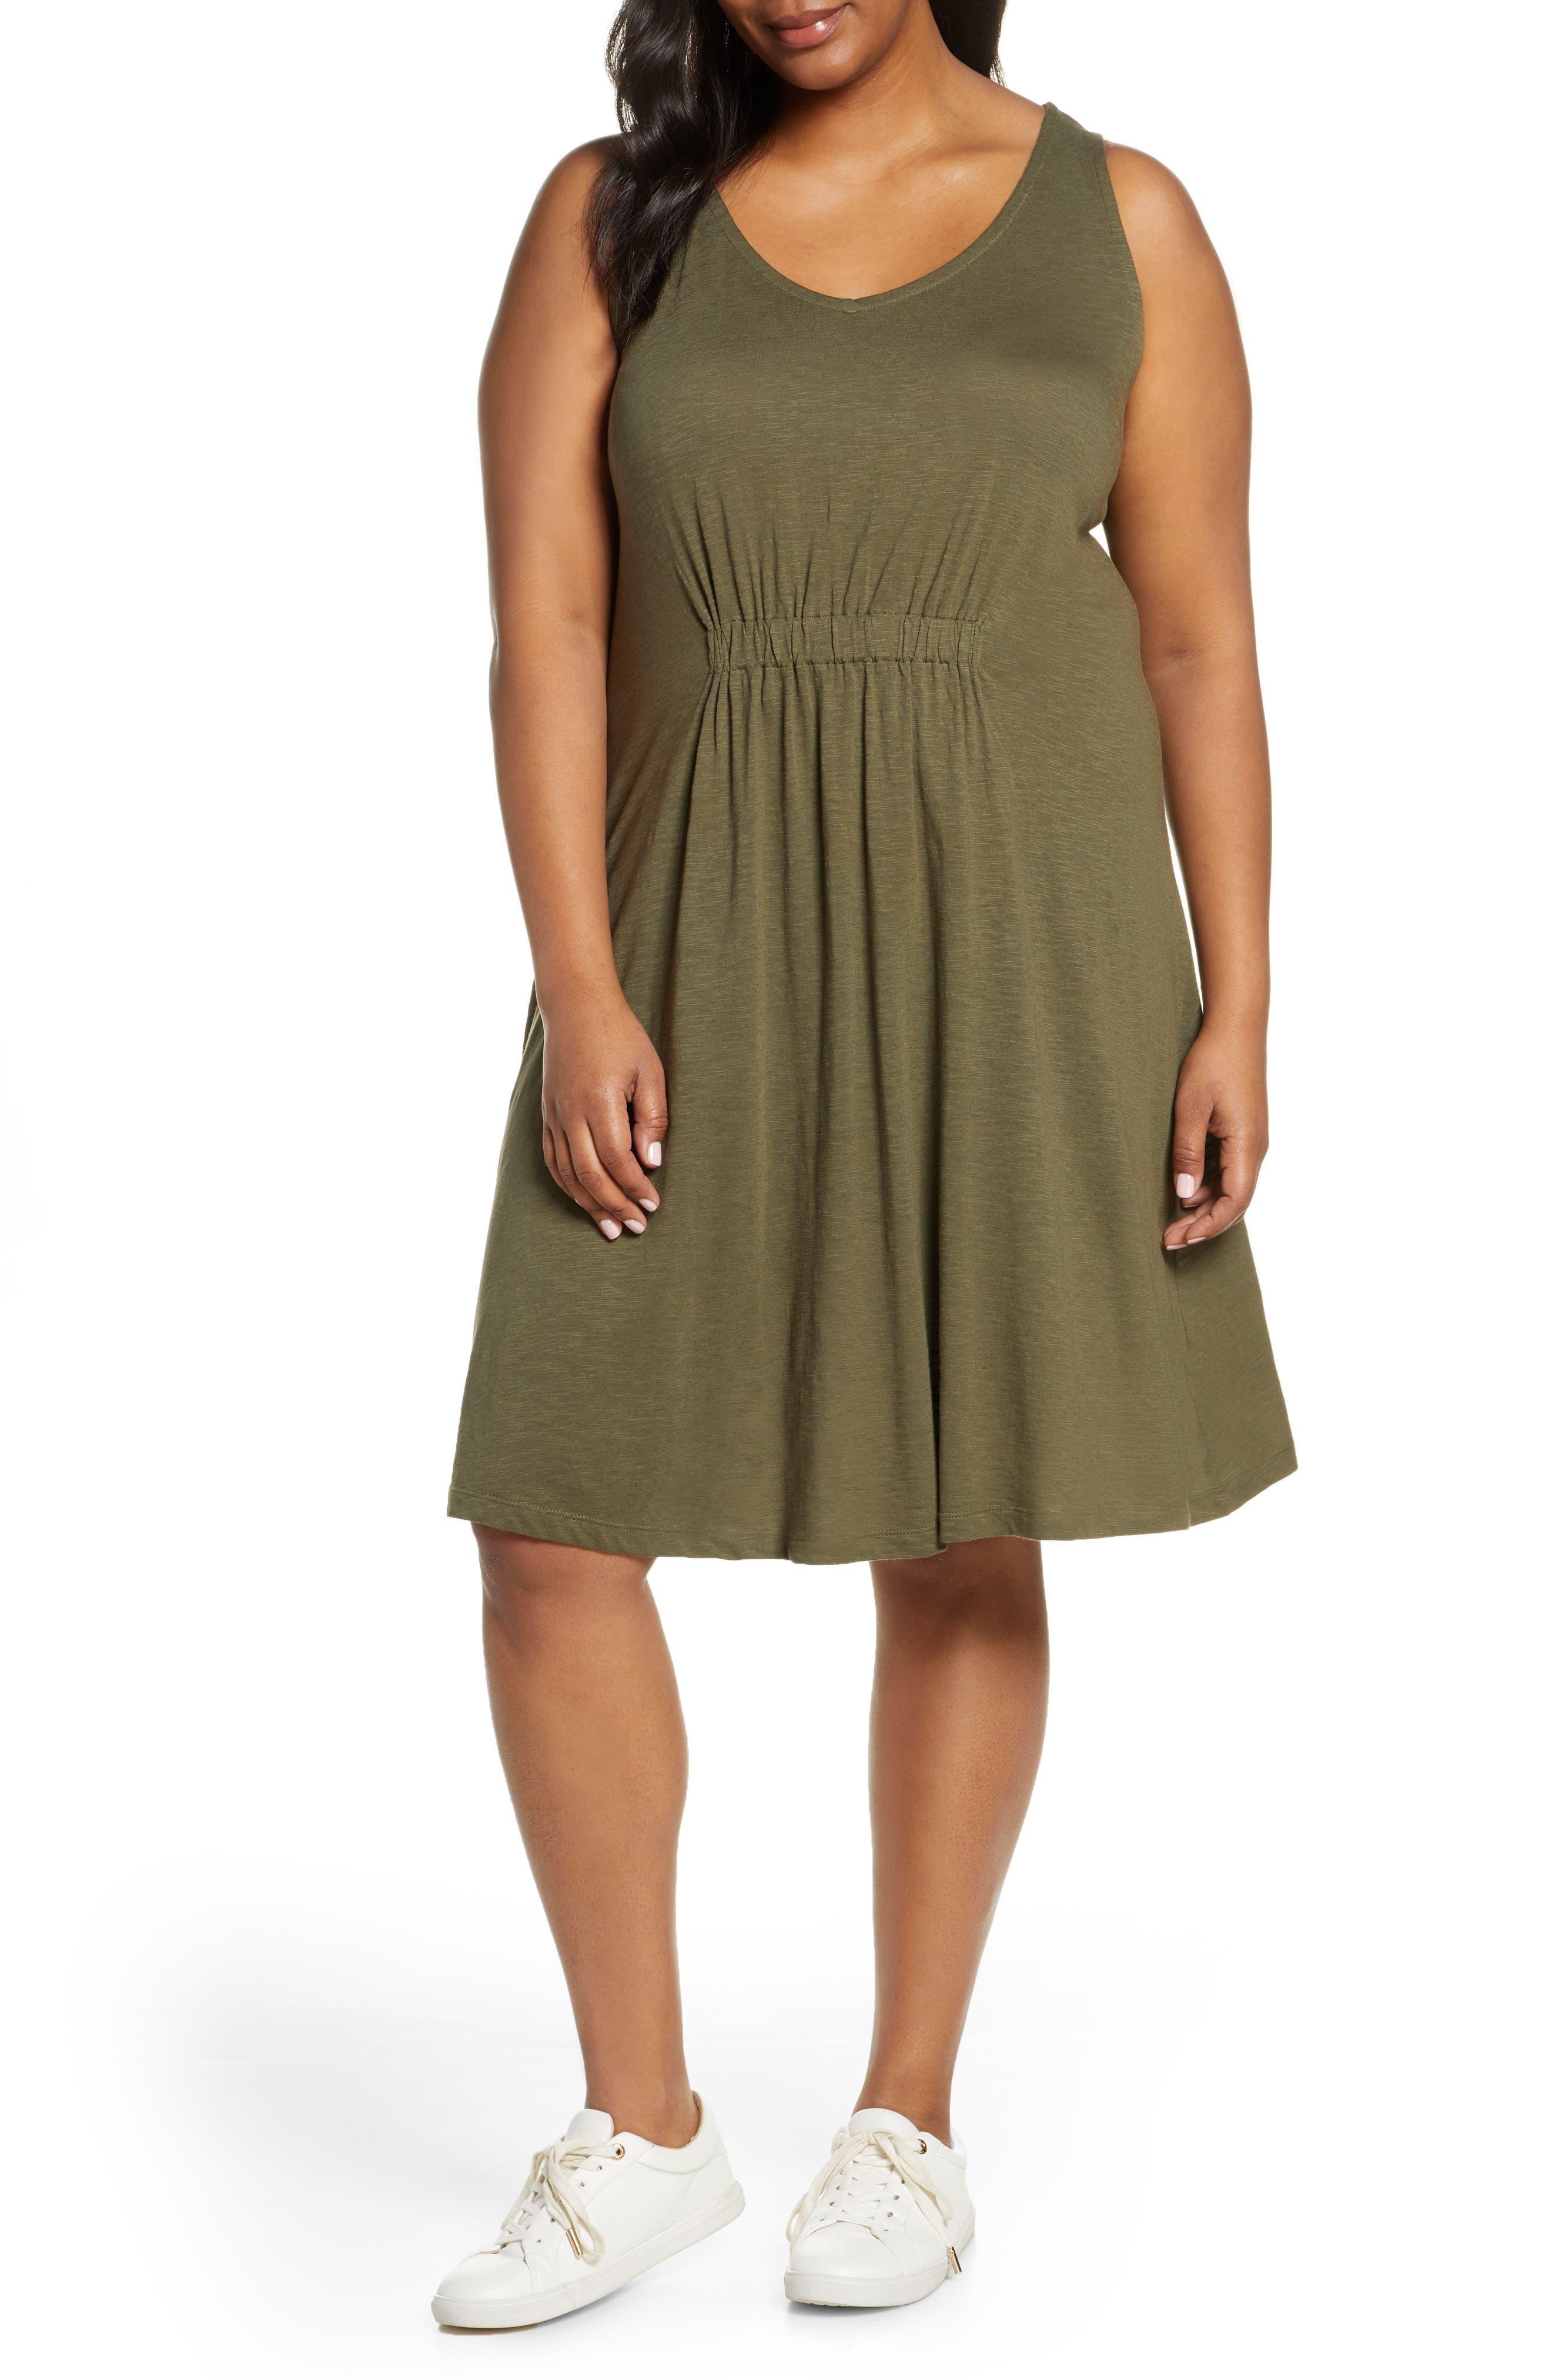 Plus Size Caslon Sleeveless V-Neck Knit Dress, Green